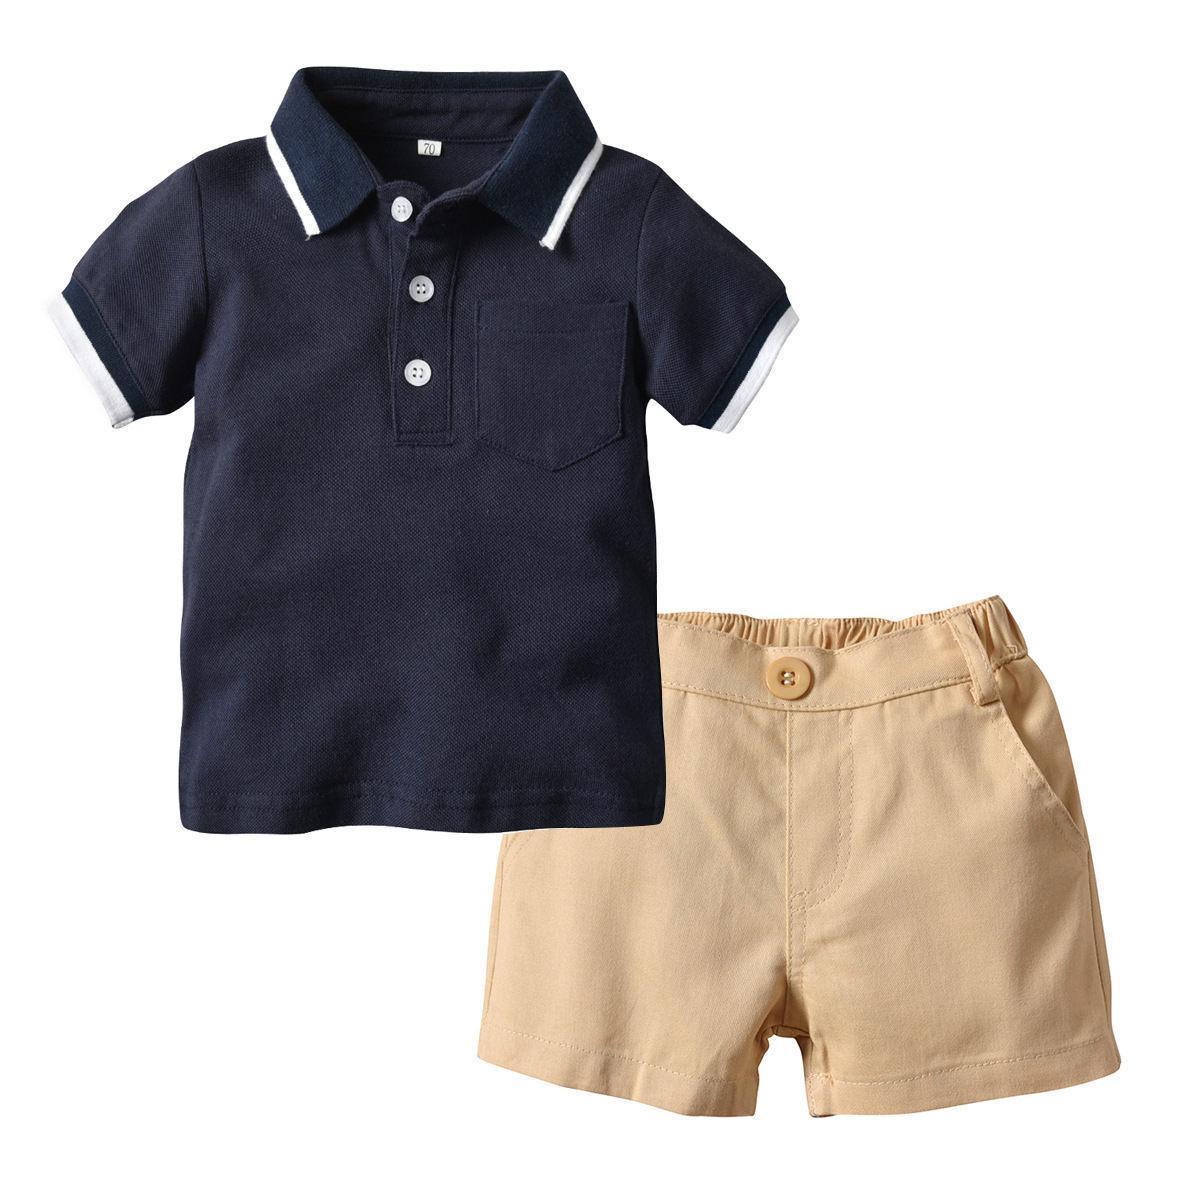 Meninos conjuntos de roupas de verão crianças moda algodão cavalheiro tops + calças curtas 2 pcs Conjuntos de roupas de casamento para bebés meninos crianças roupas fatos